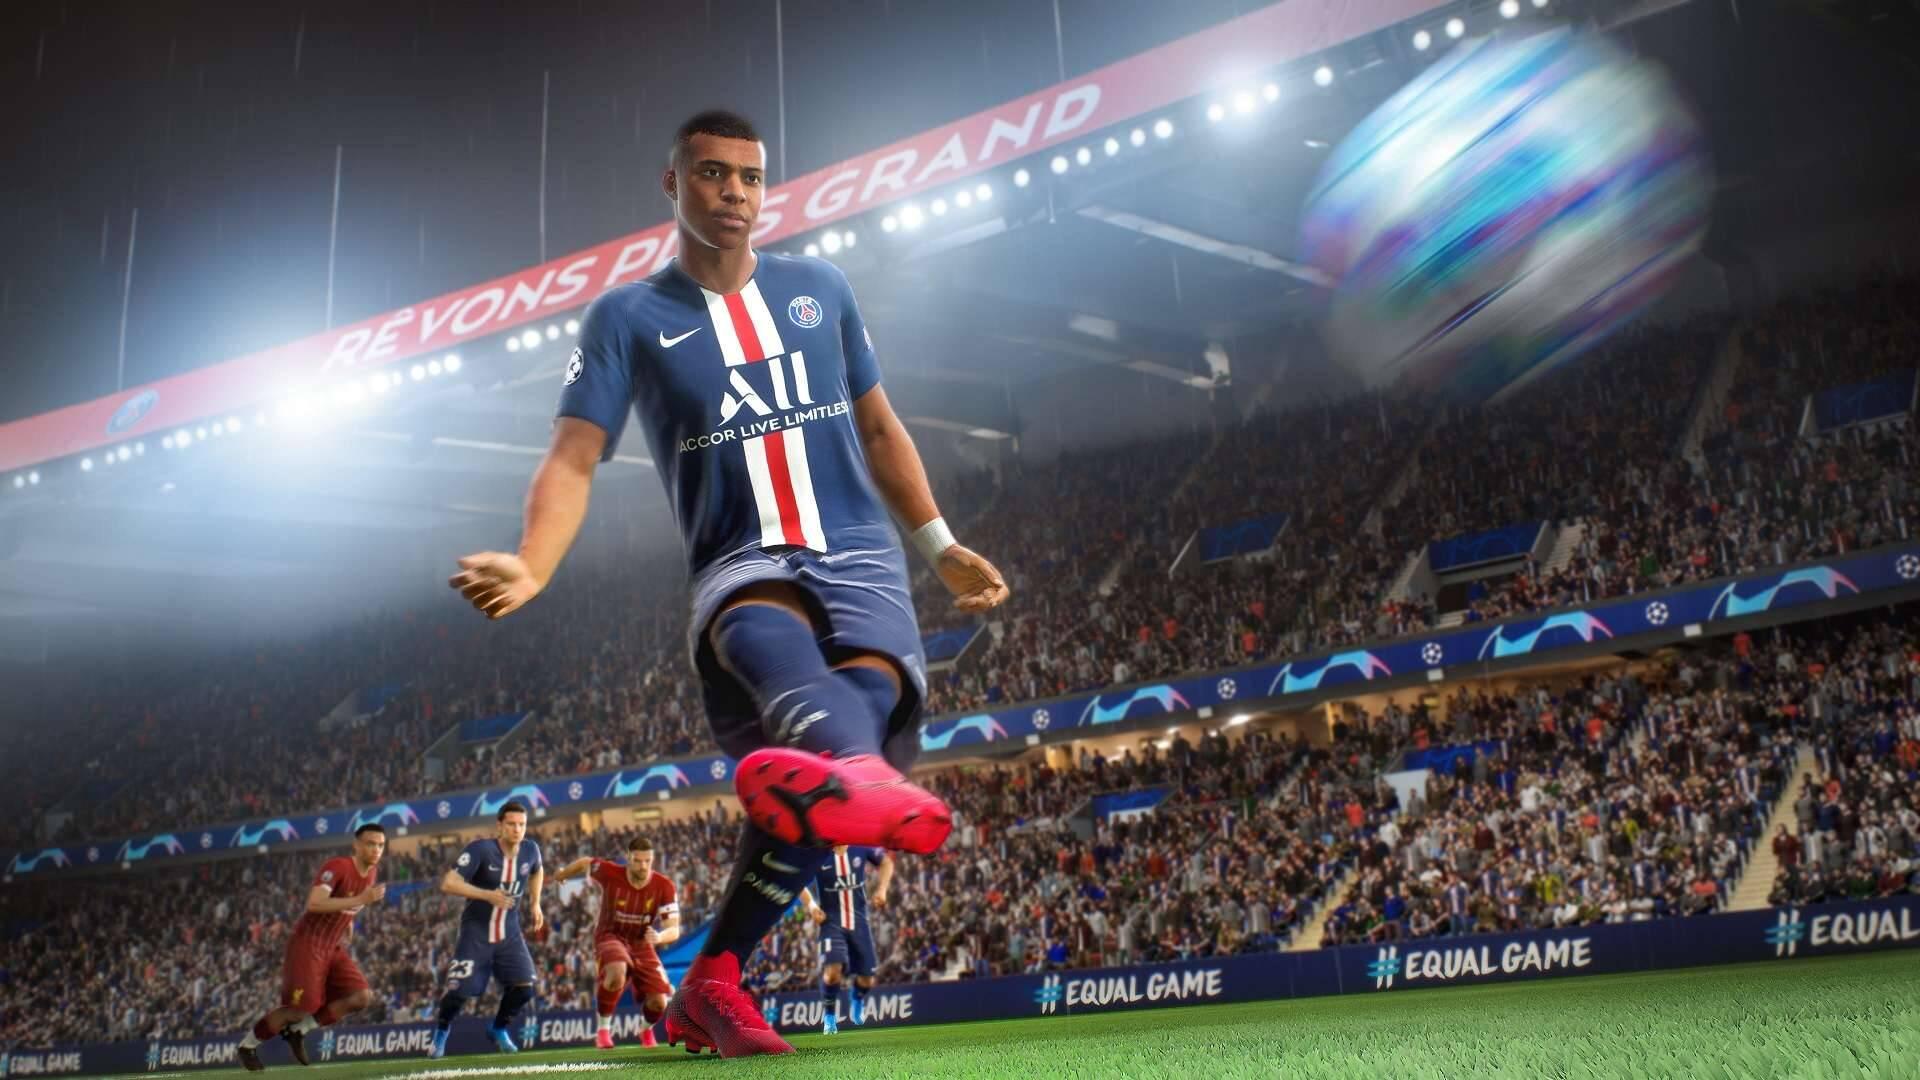 Electronic Arts anuncia data de lançamento do FIFA 21